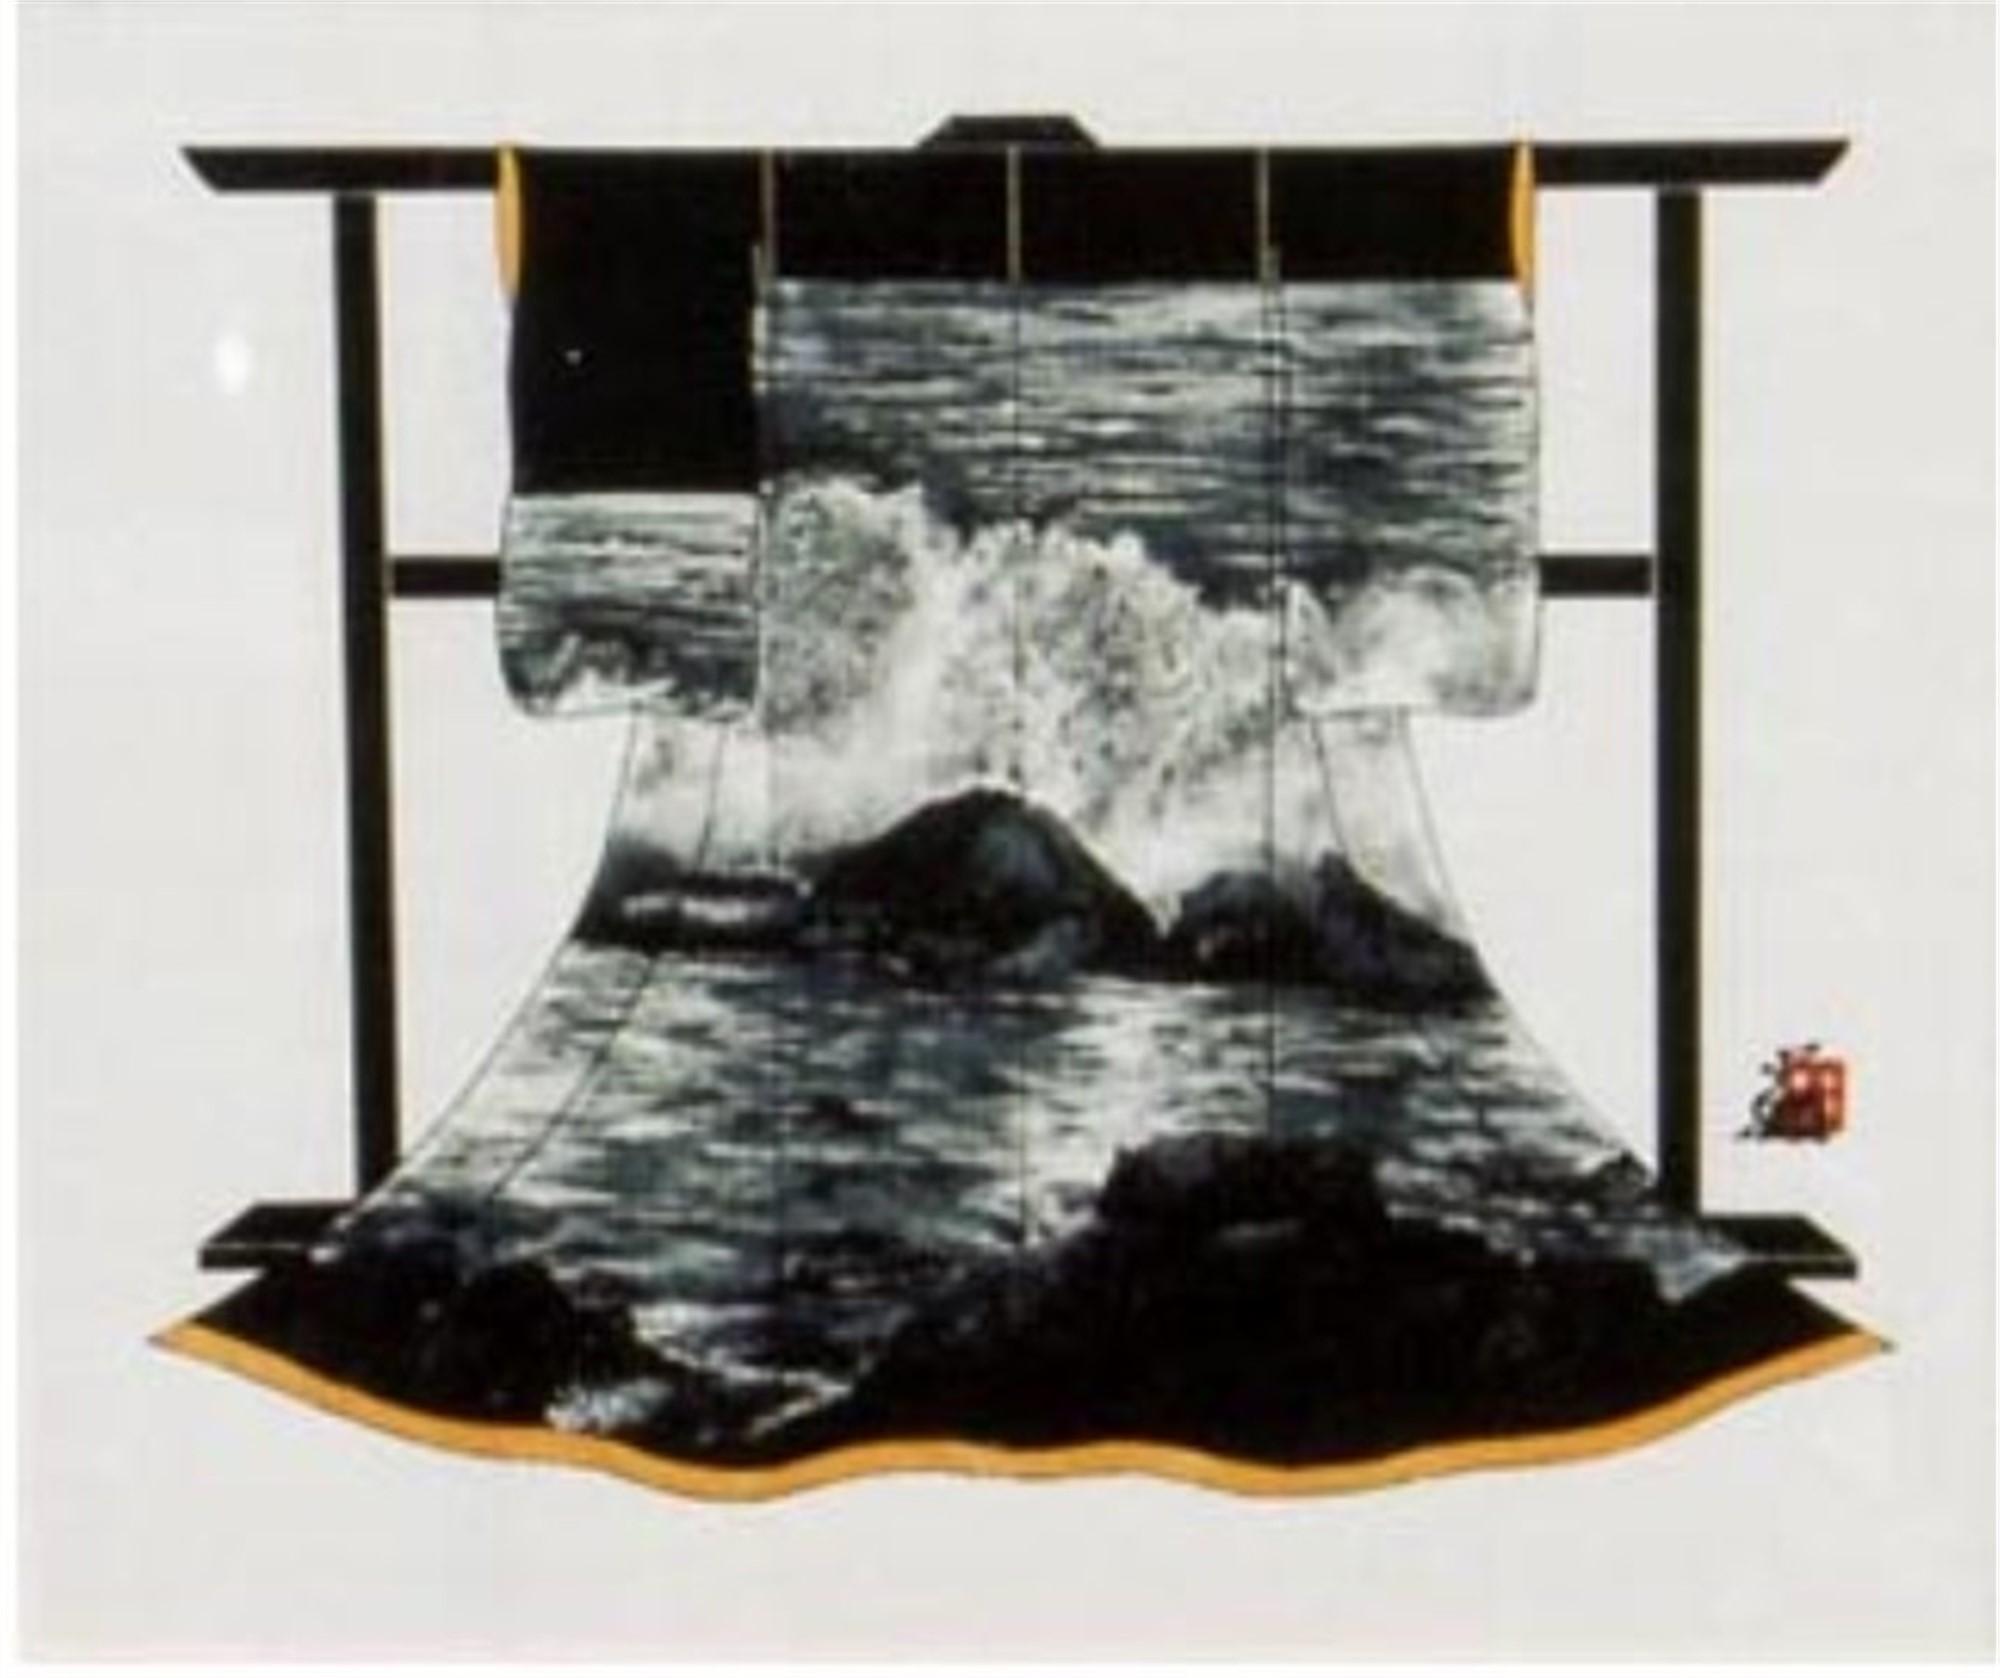 Crashing Surf Kimono by Hisashi Otsuka